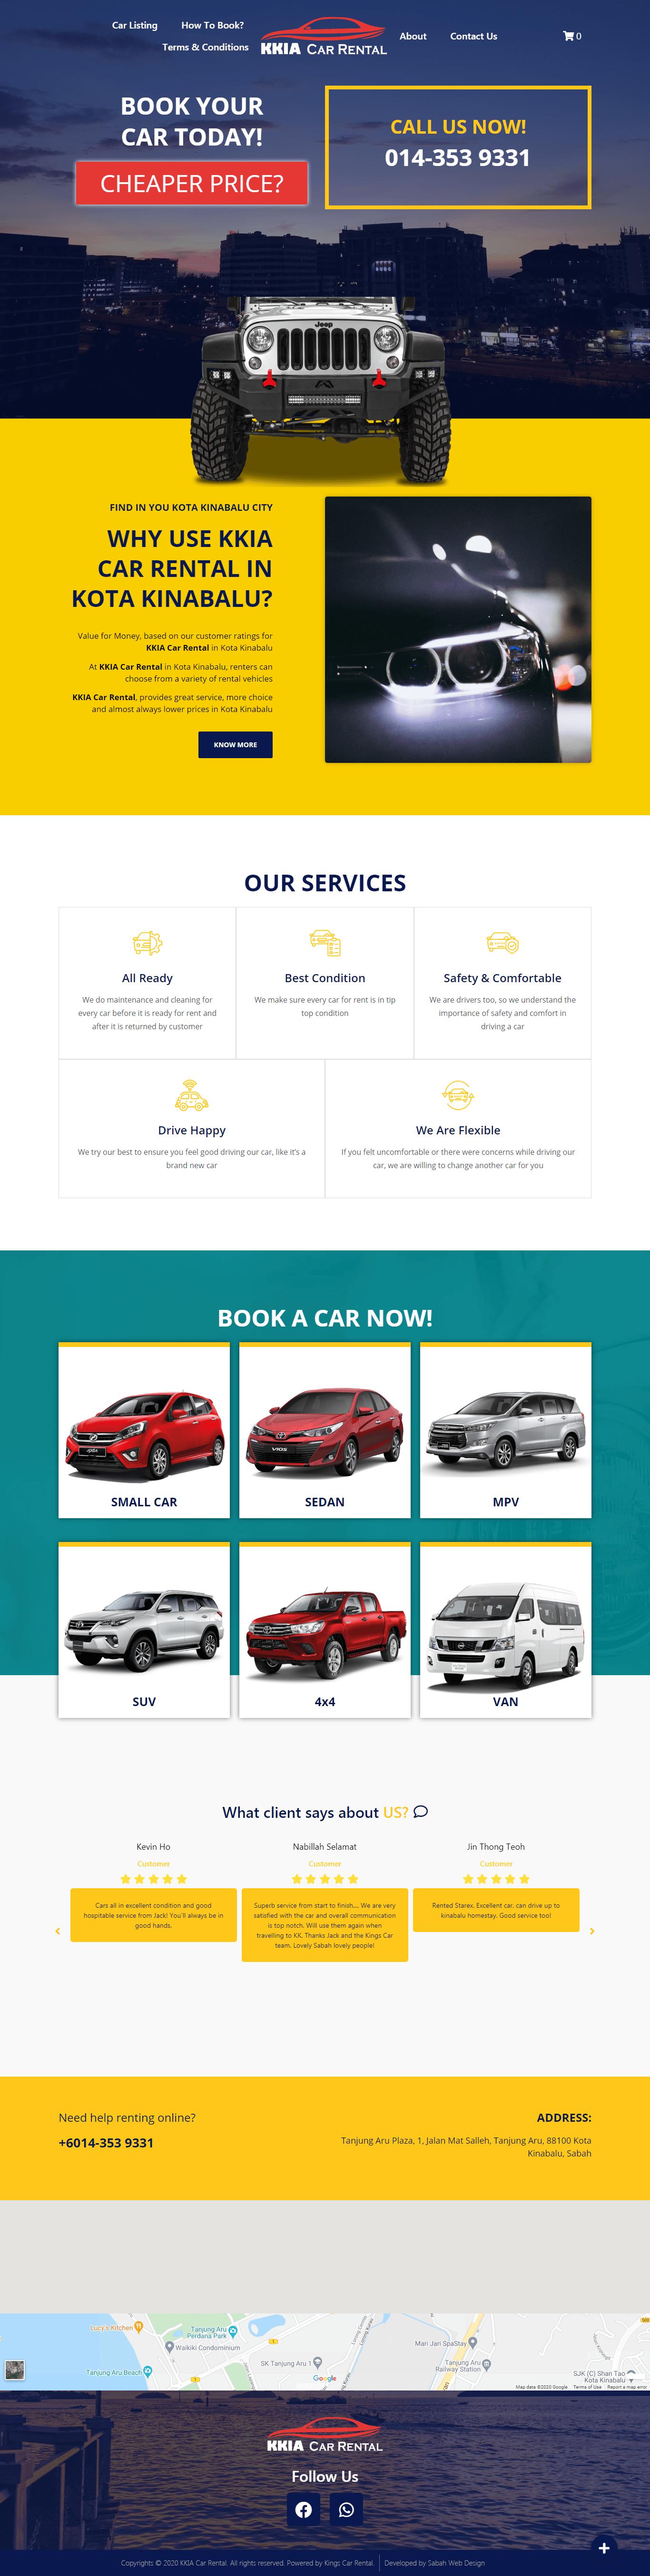 KKIA Car Rental